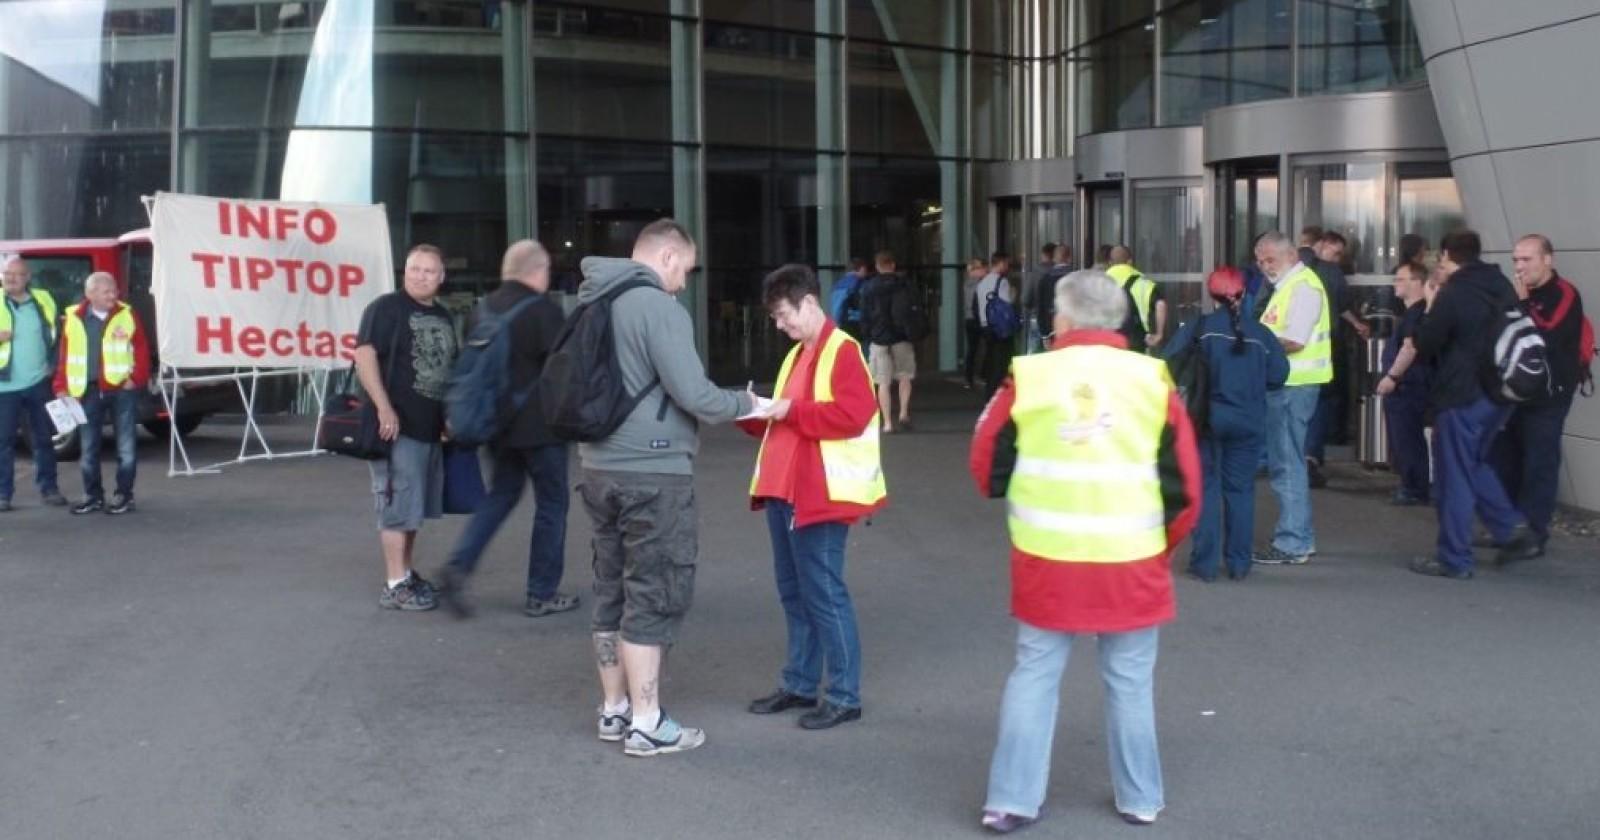 Kolleginnen und Kollegen bei BMW solidarisch mit Gebäudereinigern